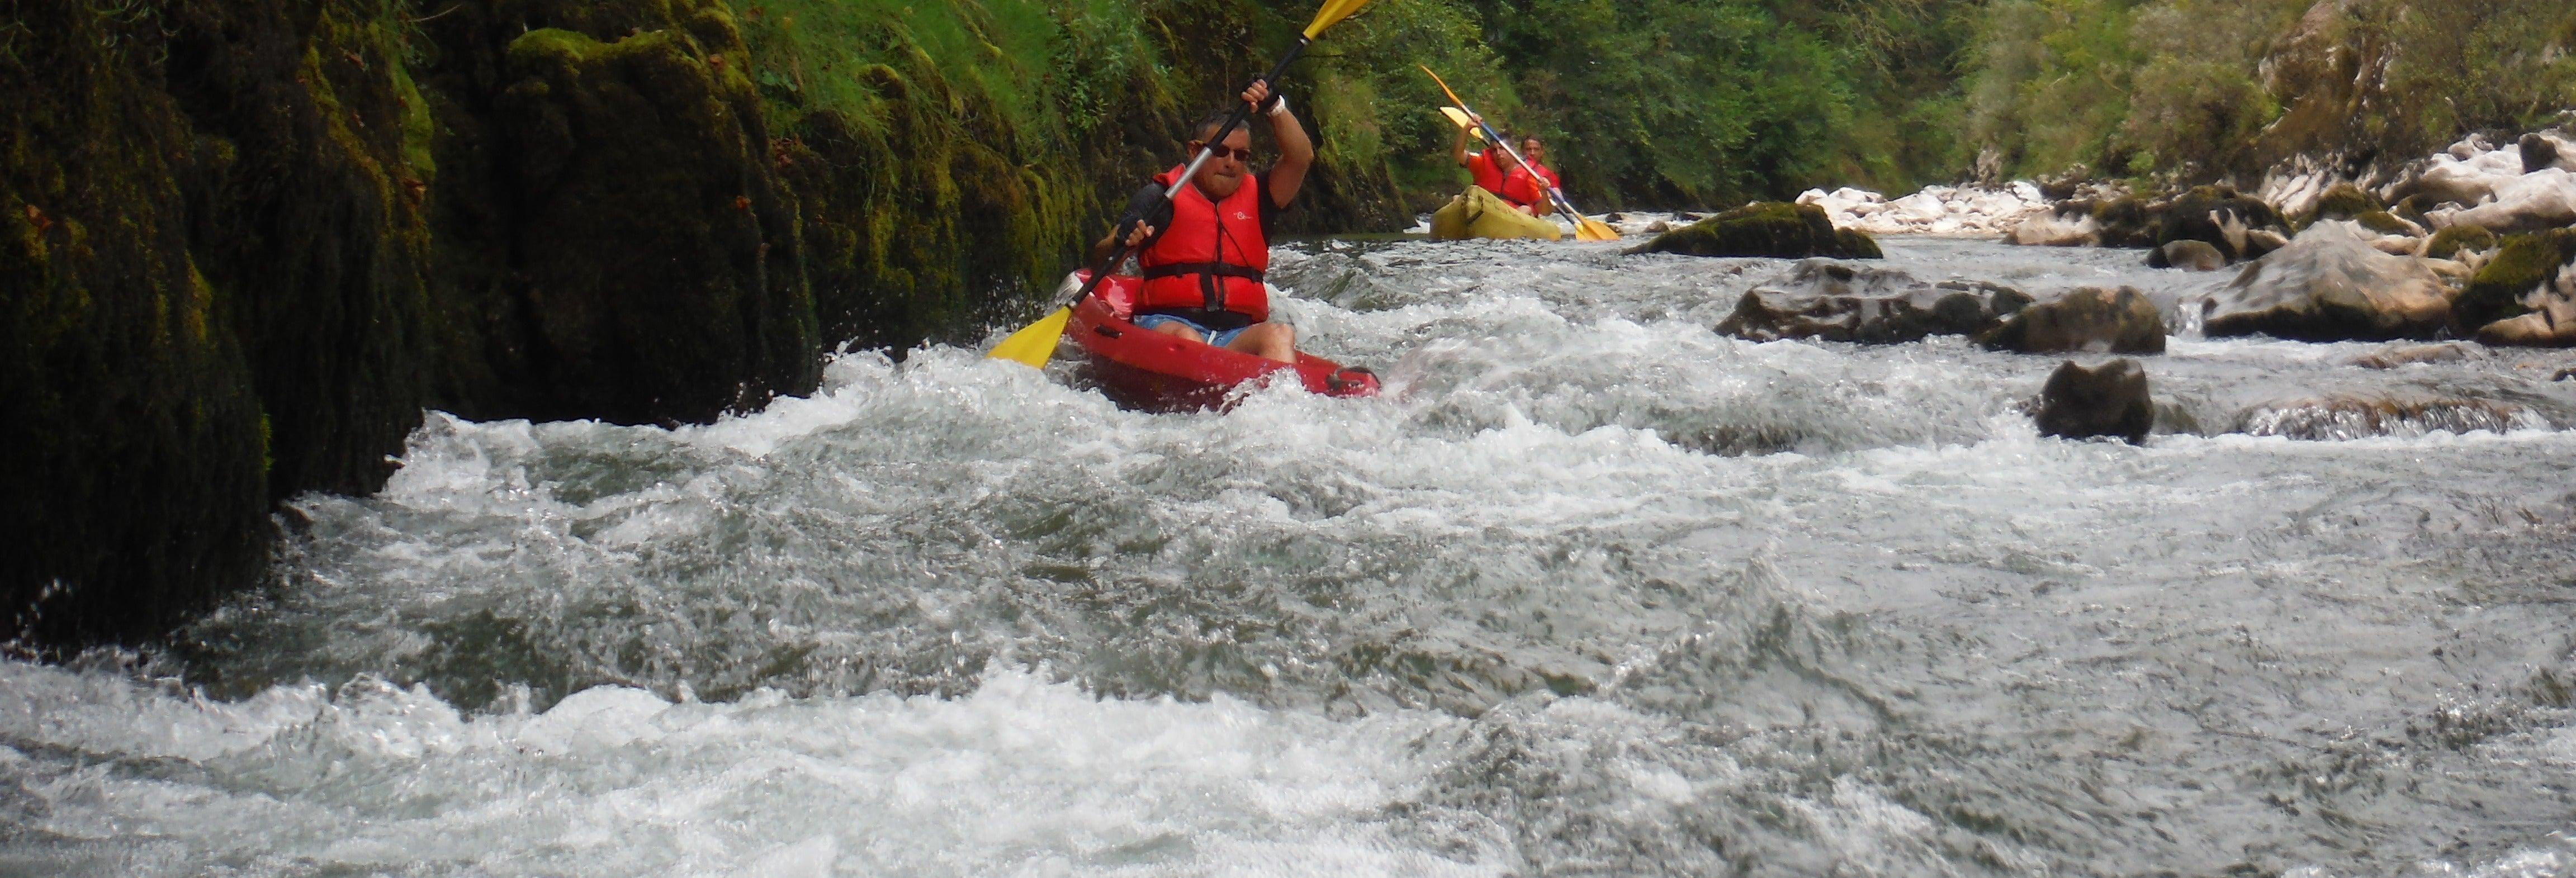 Descenso del río Deva